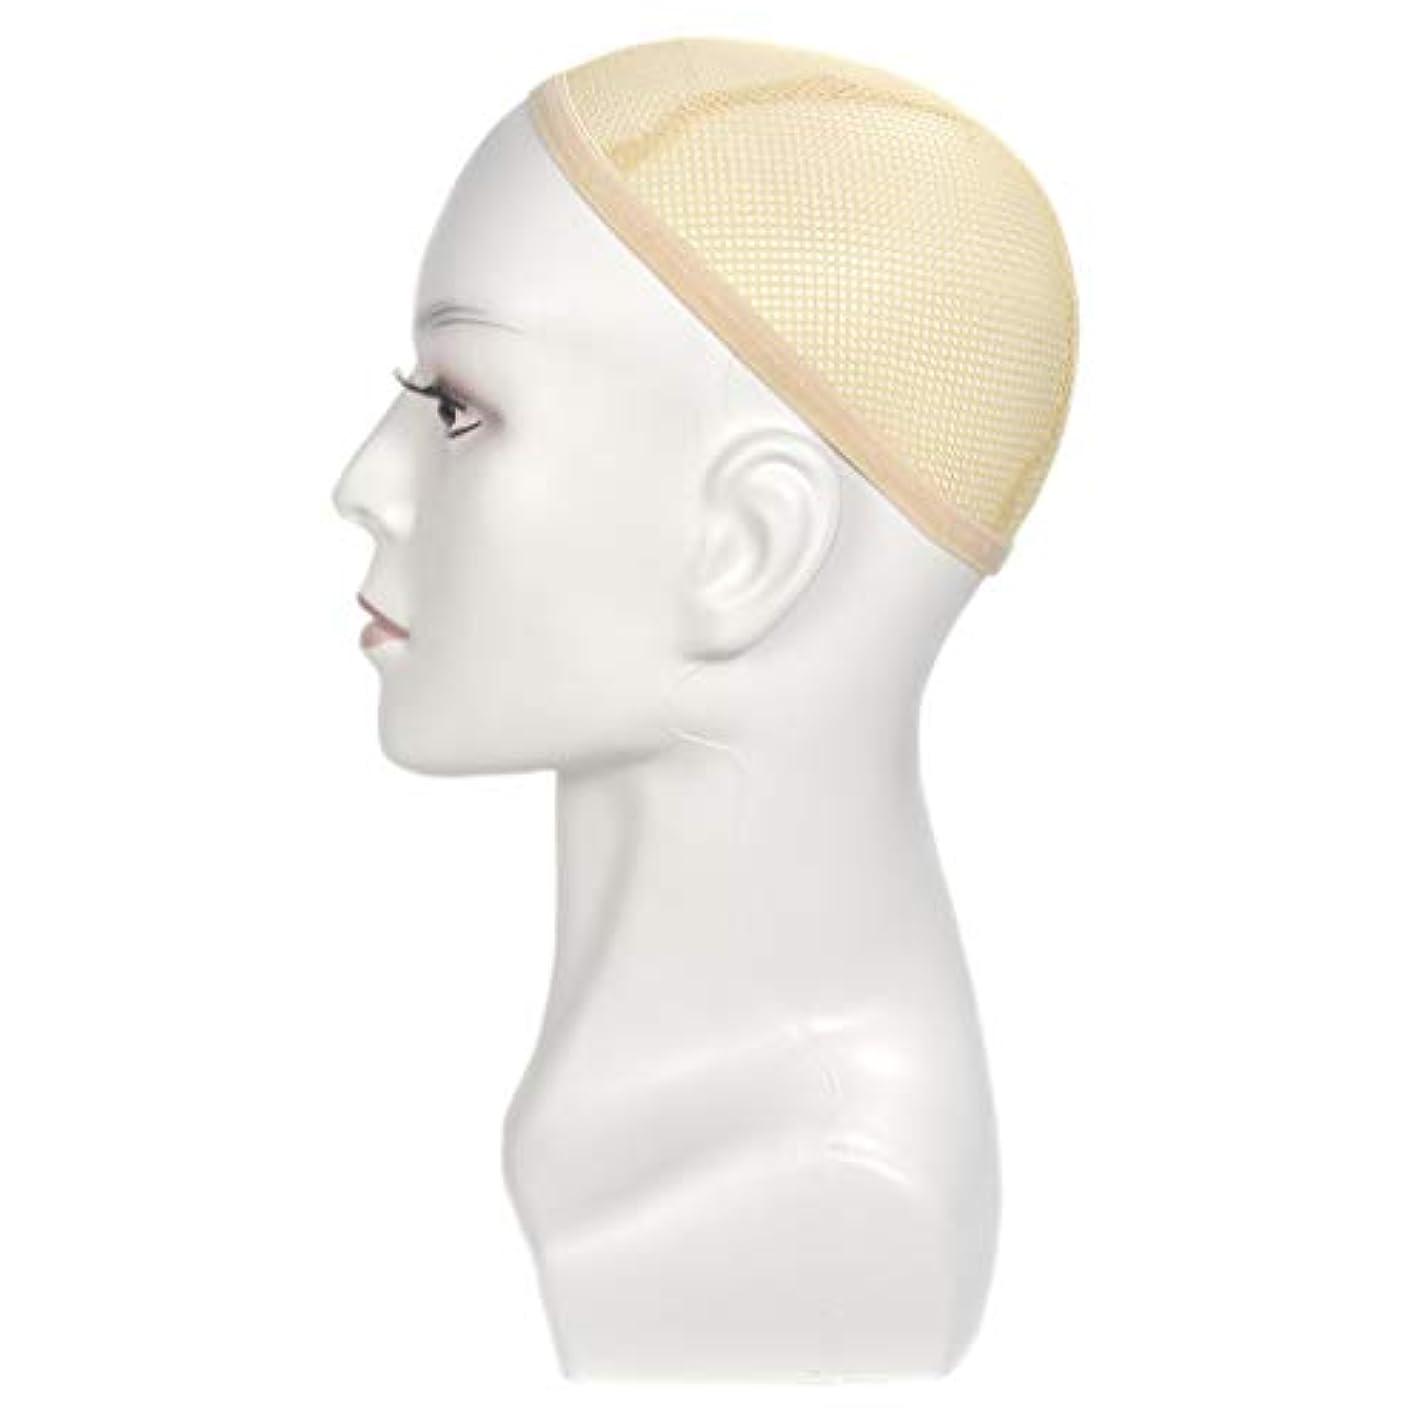 帰るファイバフロントウィッグ用マネキンヘッドディスプレイスタイリング理髪トレーニングヘッド13.8インチ-色の選択 - 白